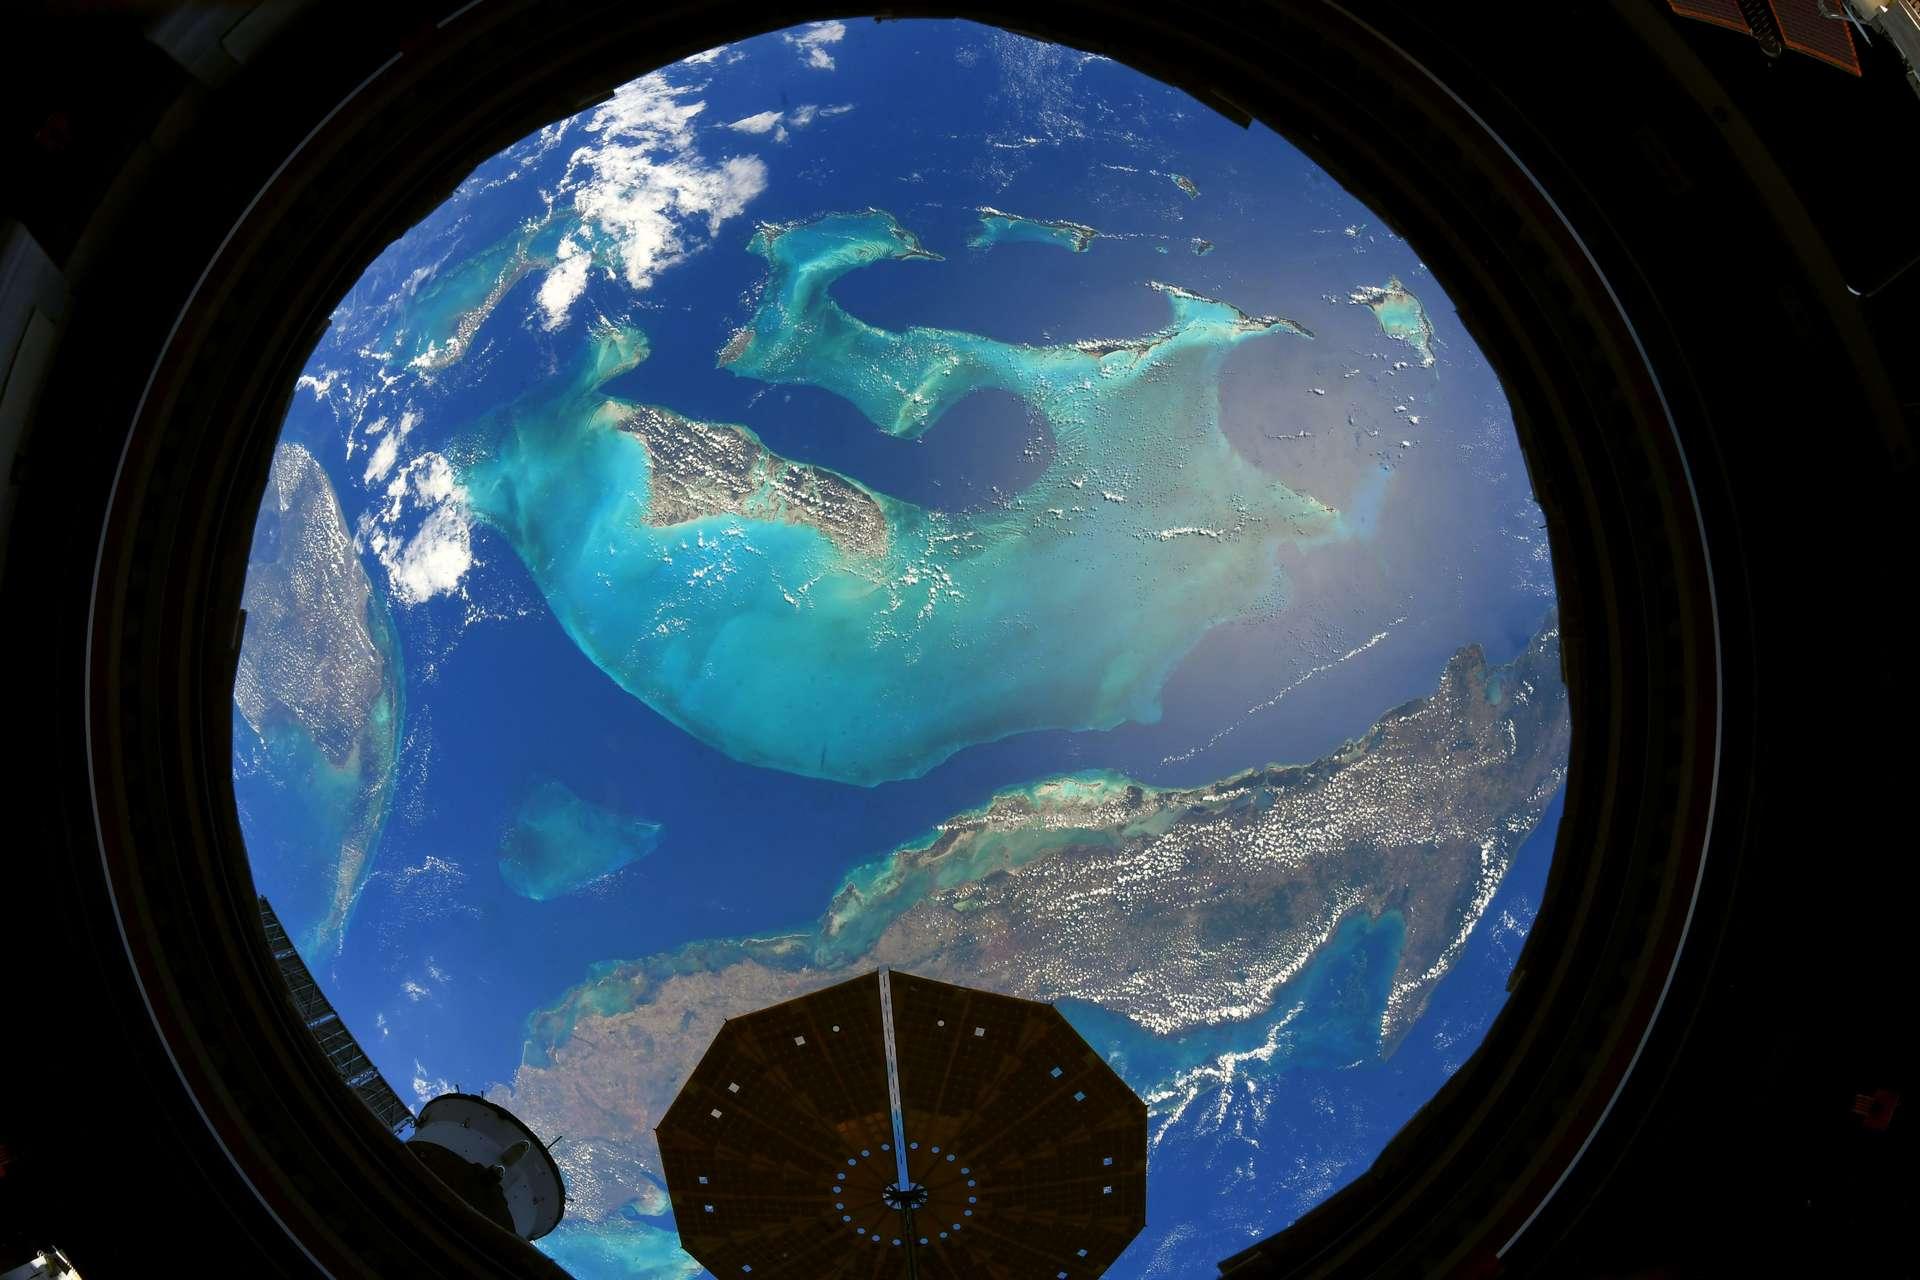 Toutes les couleurs des Bahamas dans une seule fenêtre de la Cupola. Une photographie prise en mai 2021. © Esa, Nasa, Thomas Pesquet